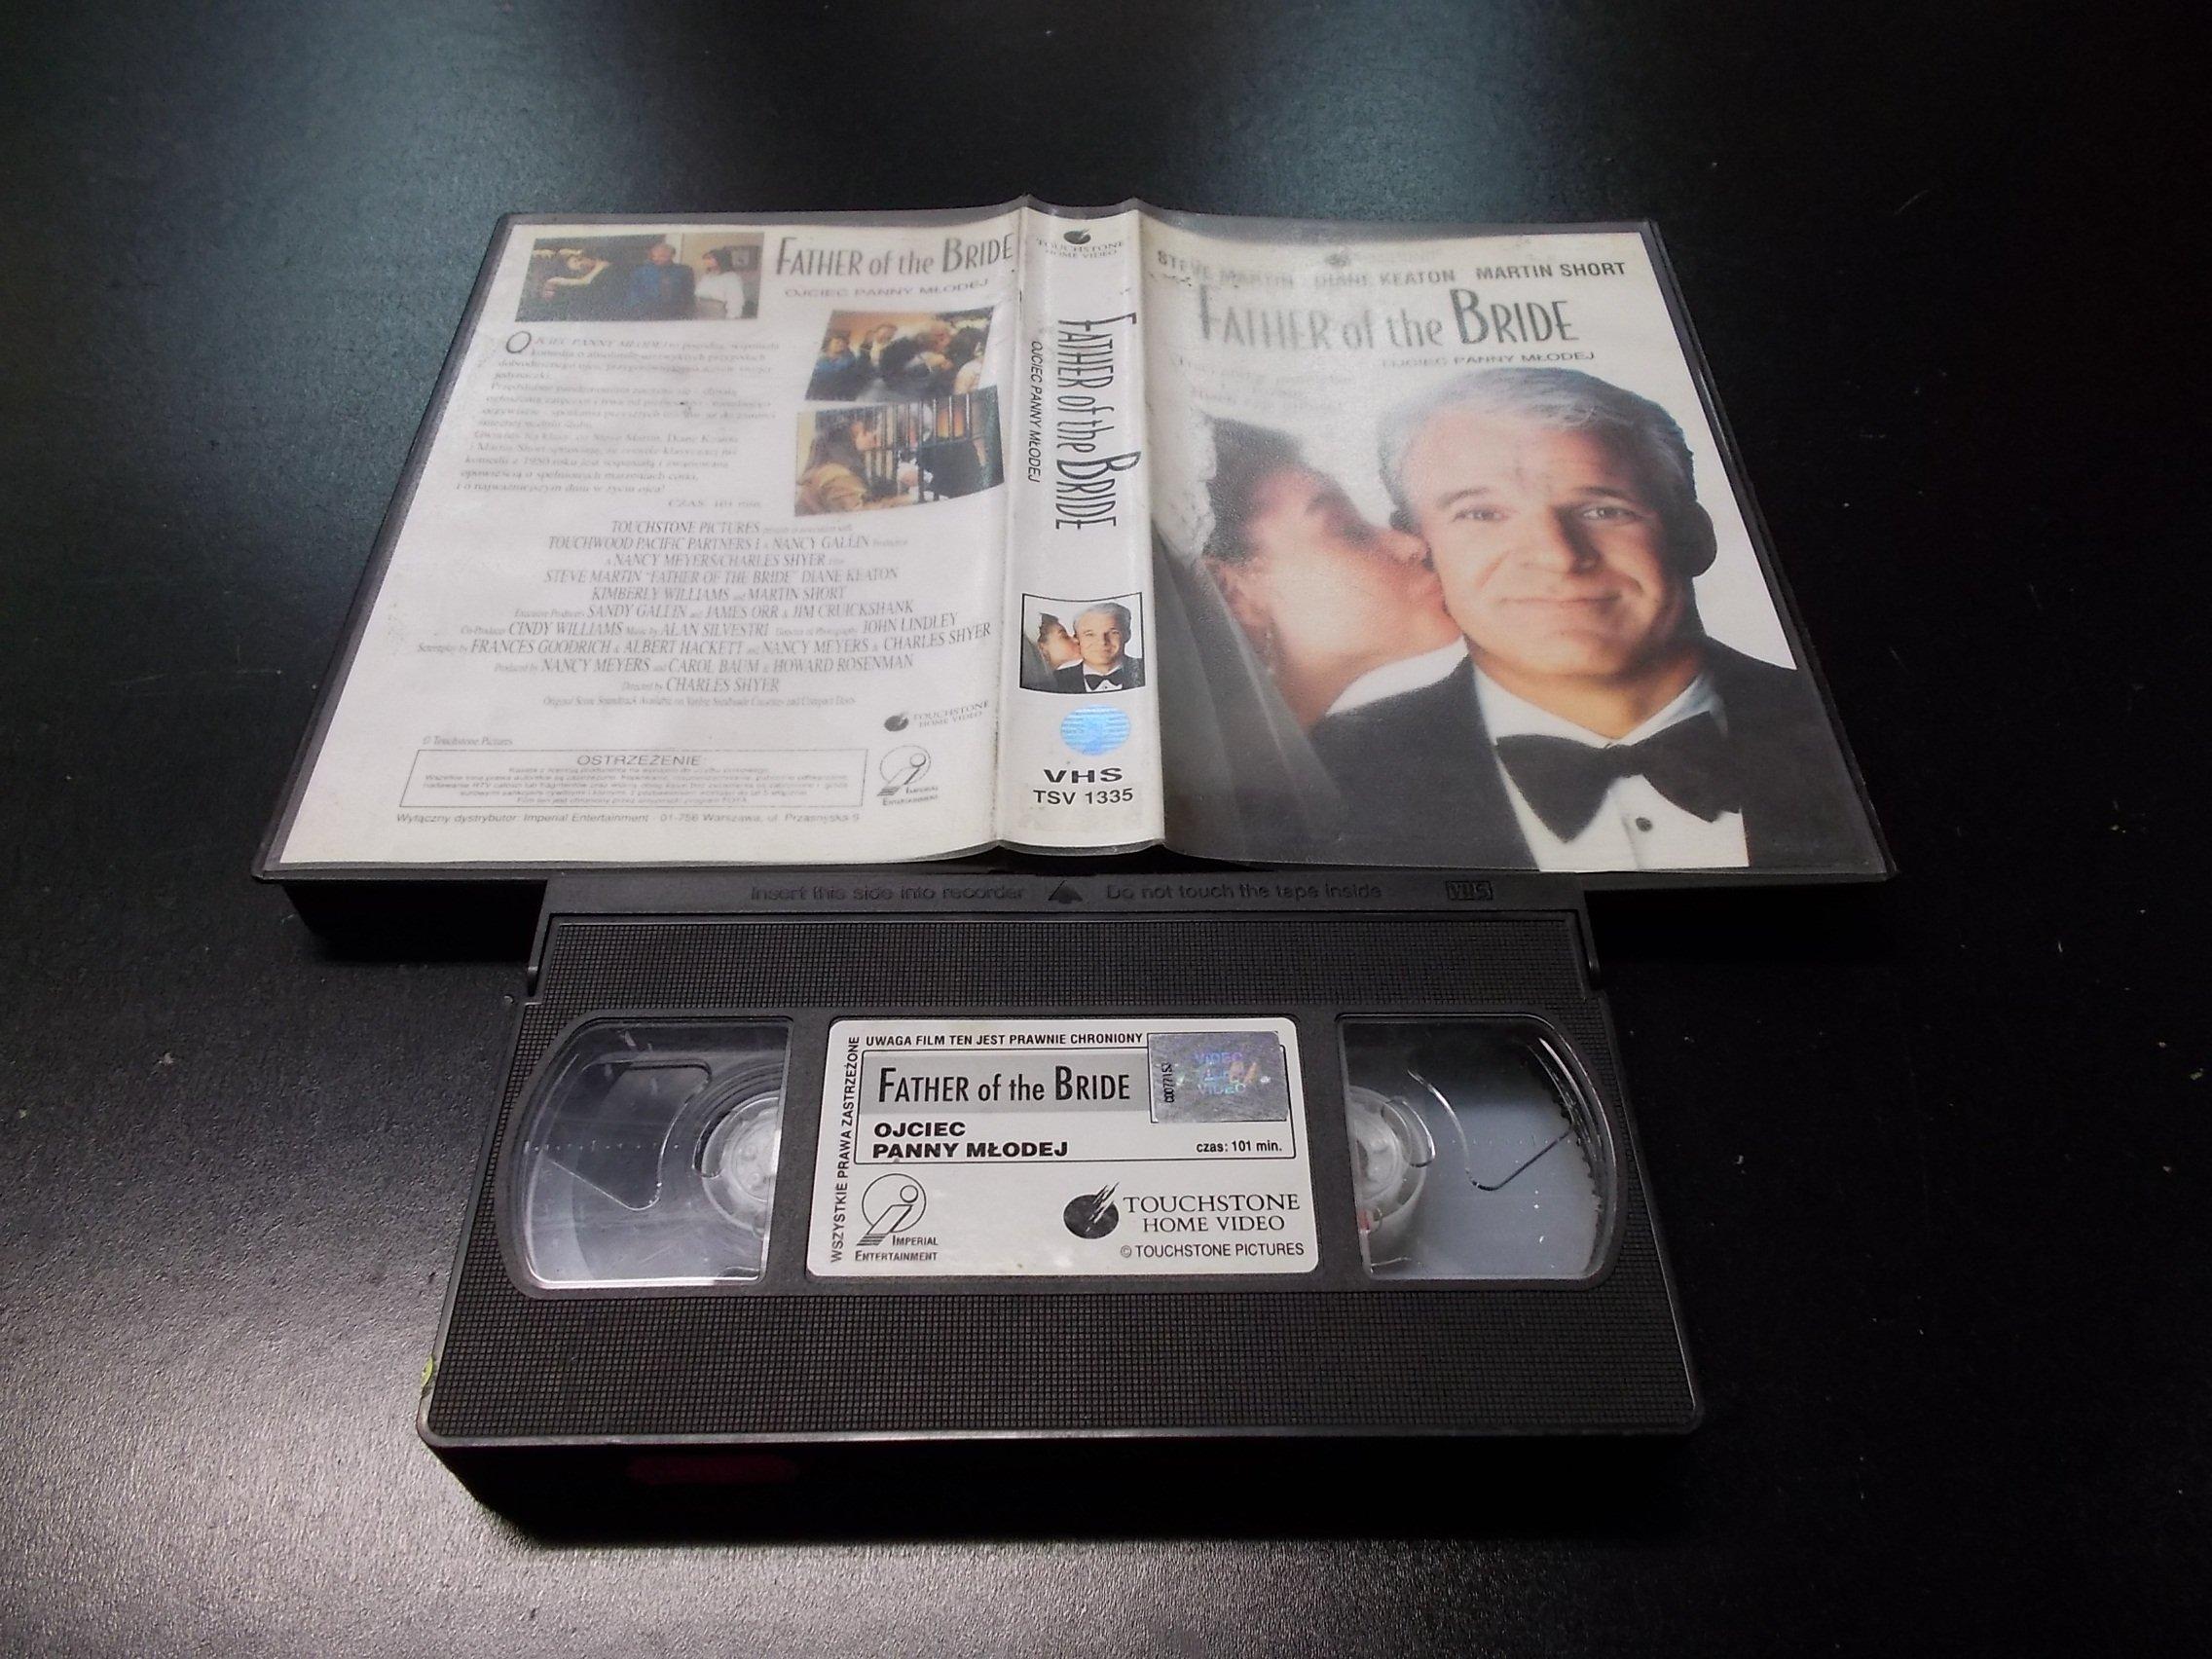 OJCIEC PANNY MŁODEJ -  kaseta VHS - 1173 Opole - AlleOpole.pl